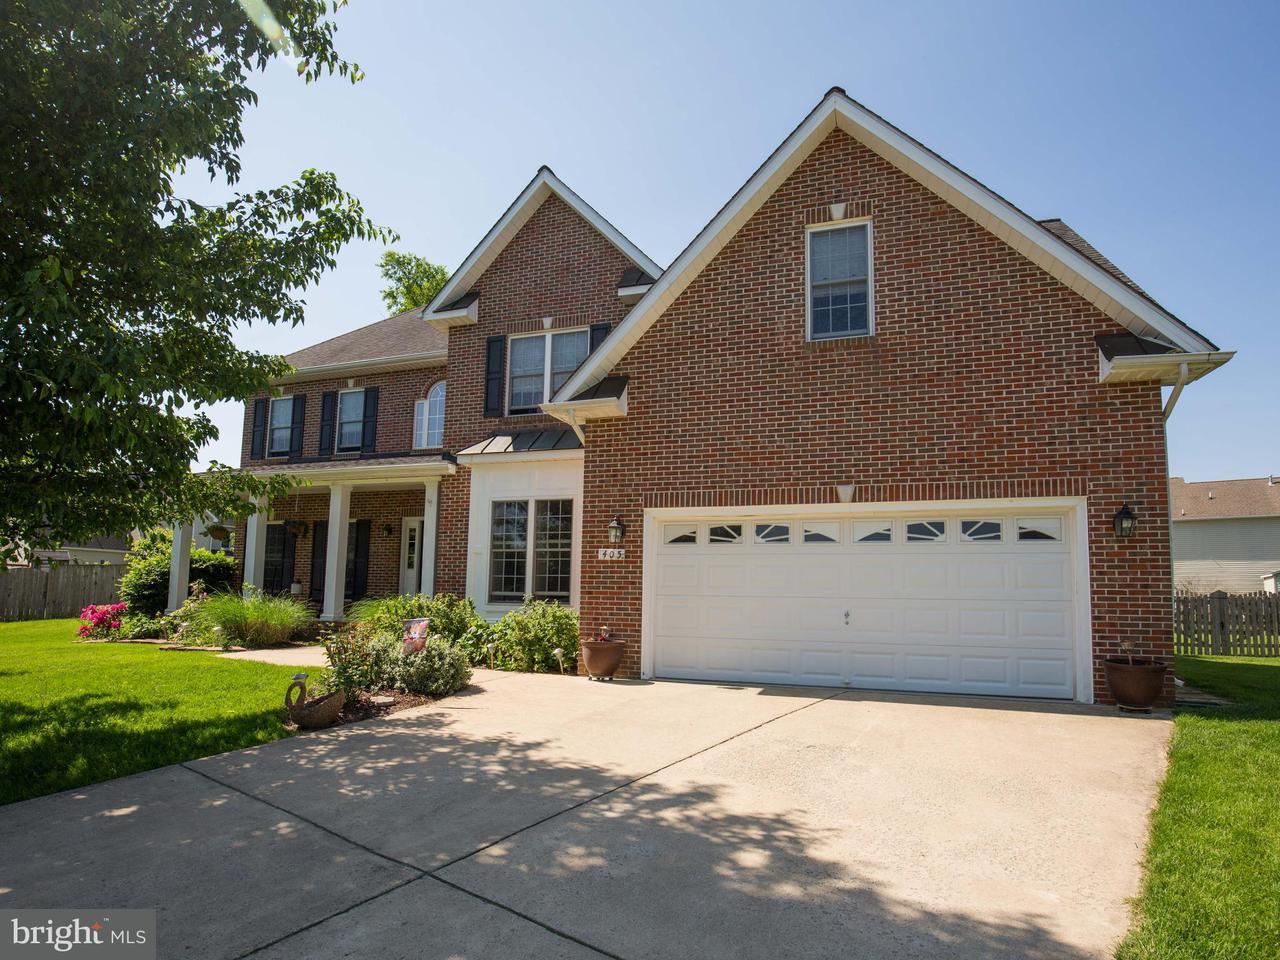 405 Lindsay Court Berryville, VA 22611